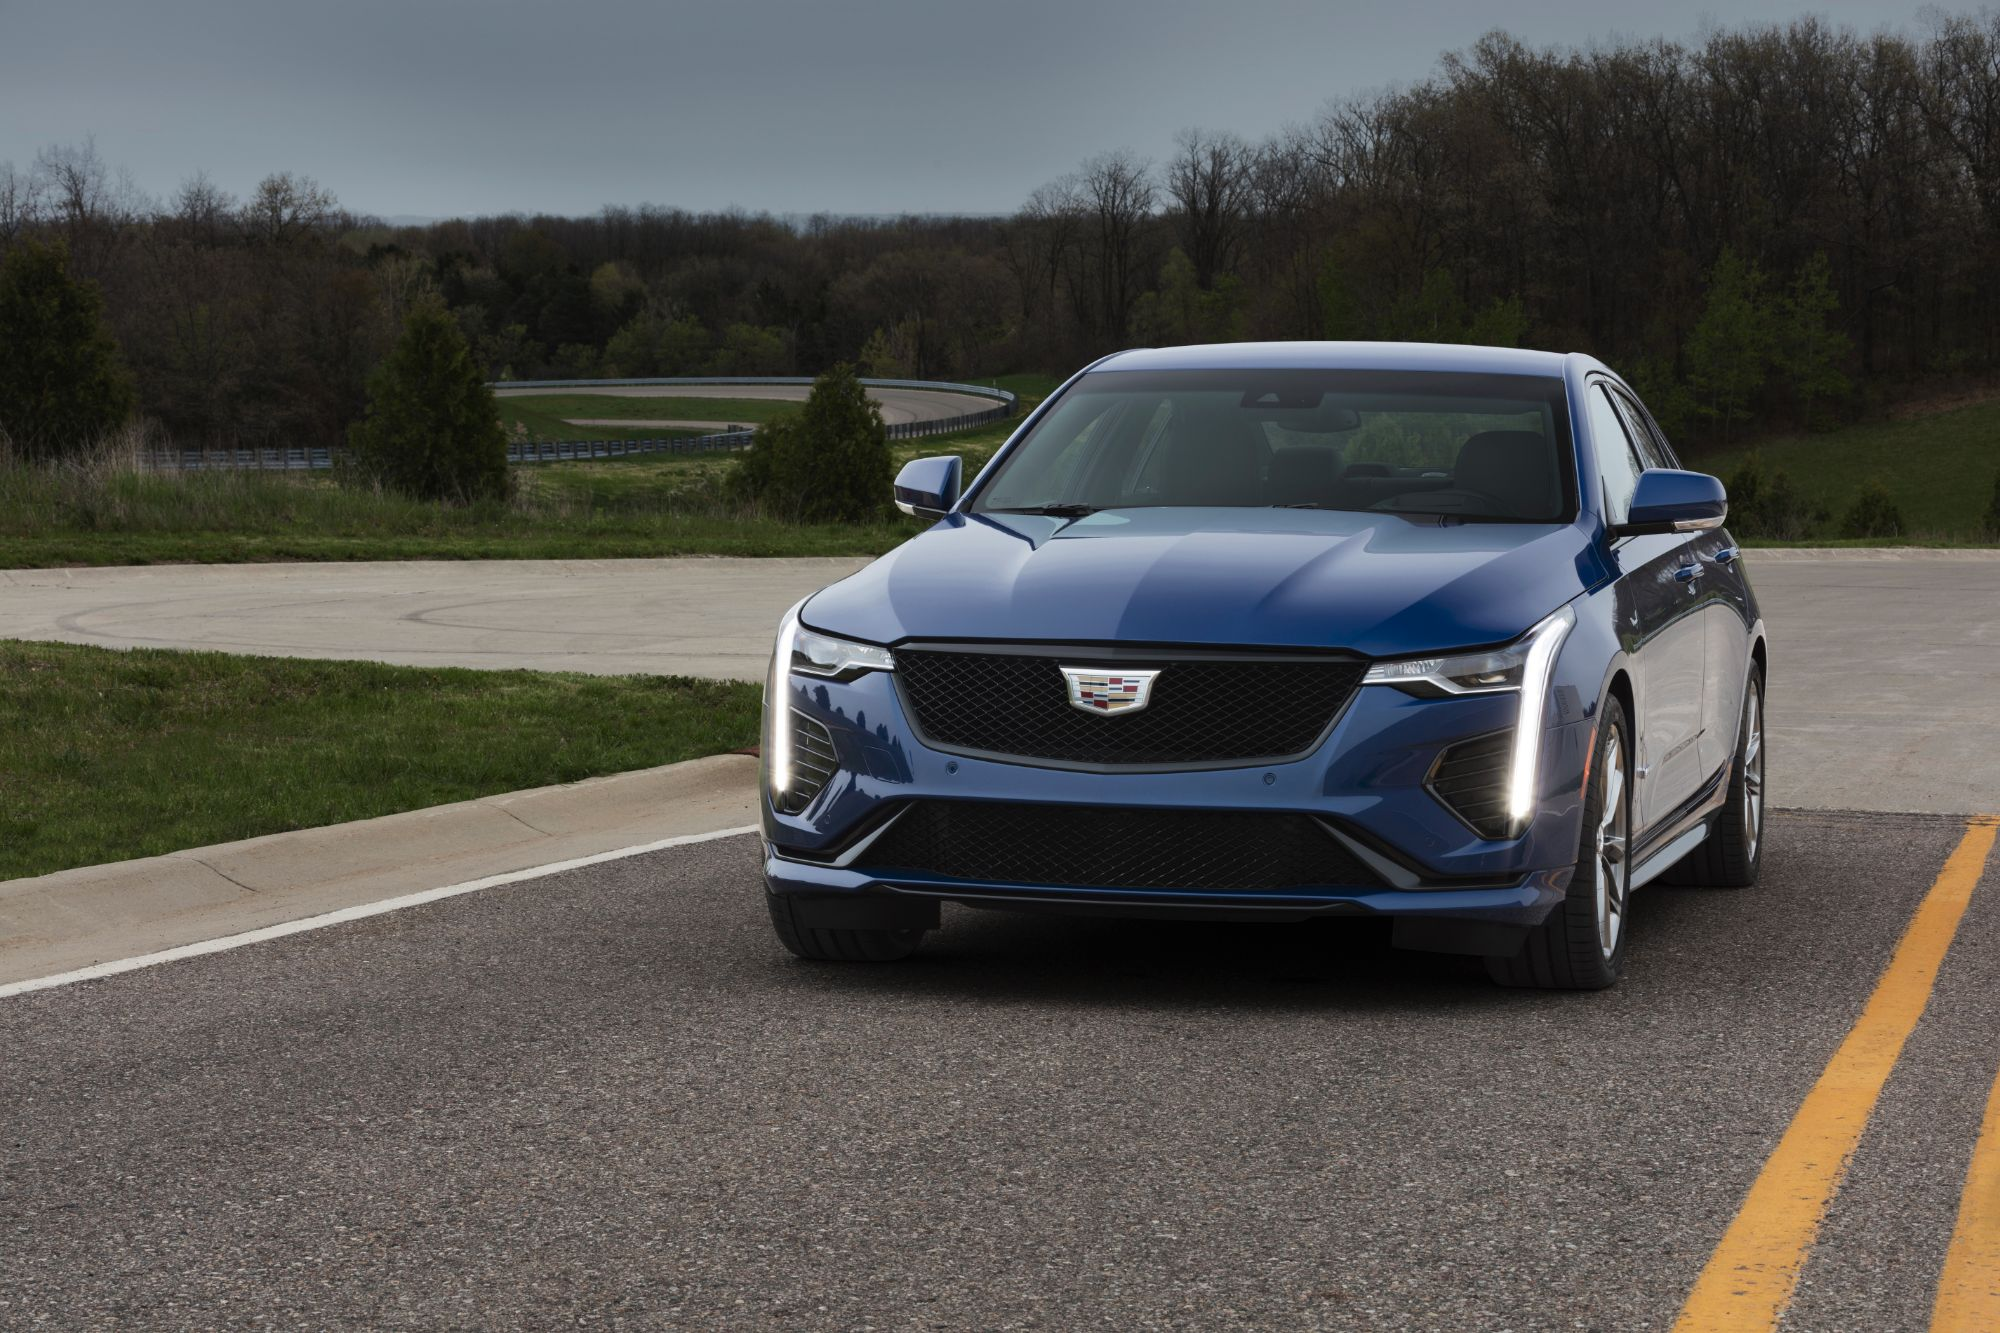 2020-Cadillac-CT4-V-003 (2)